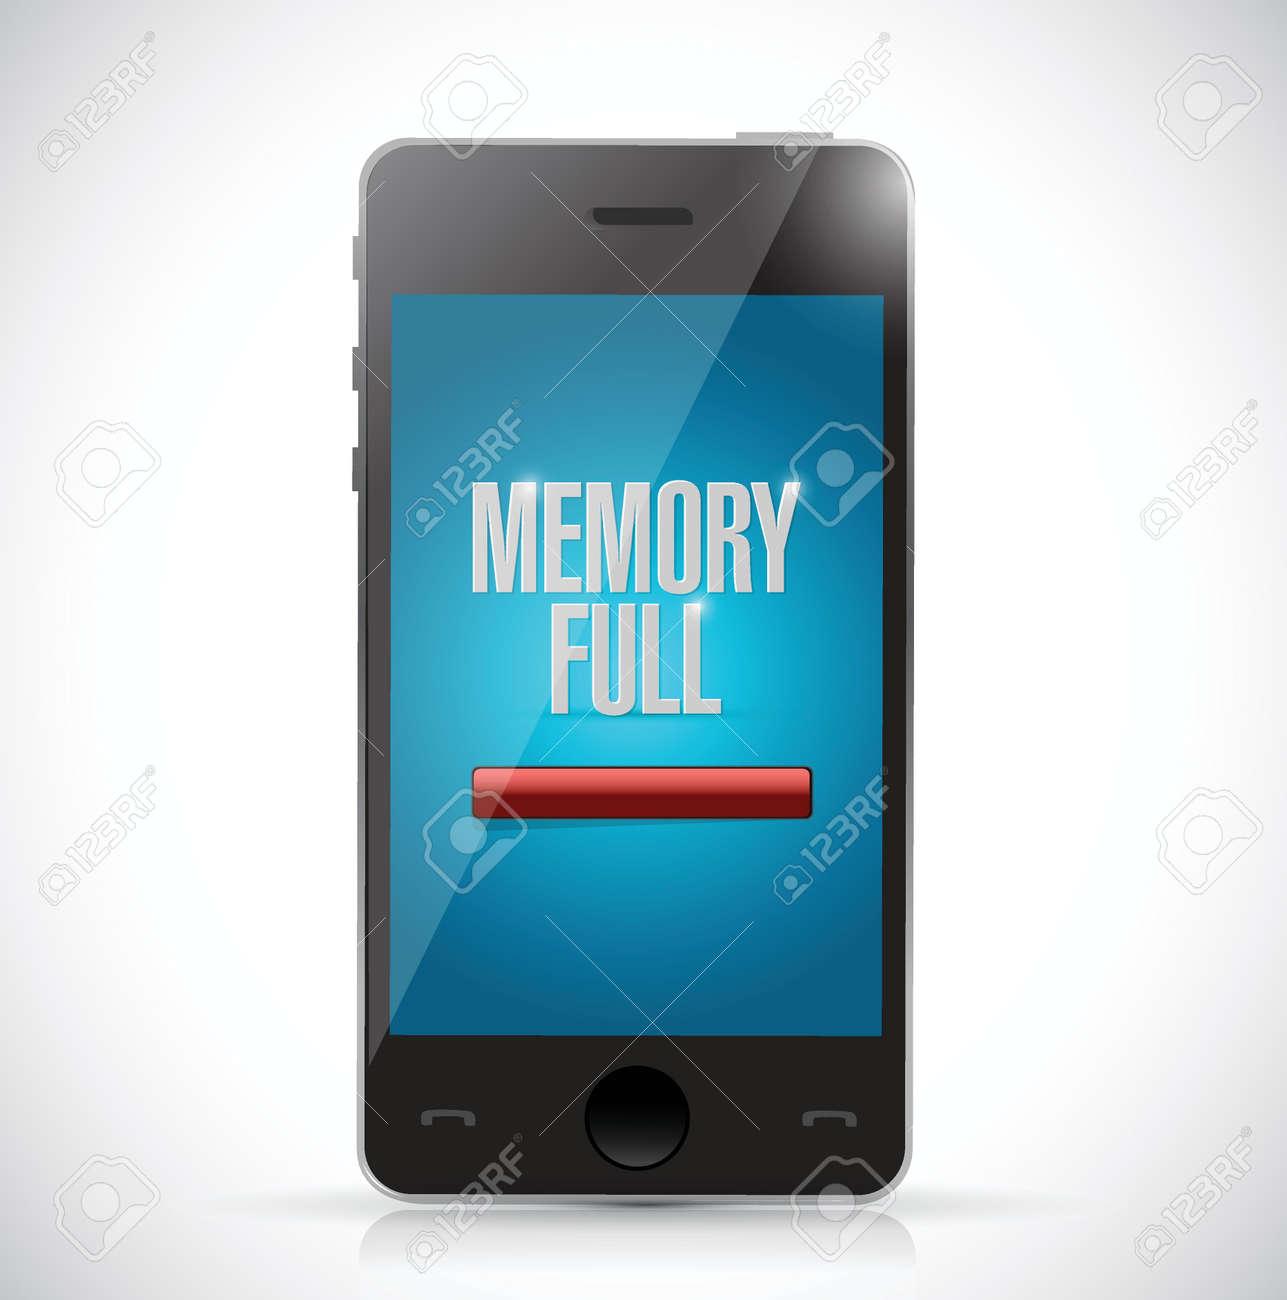 メモリ が いっぱい です